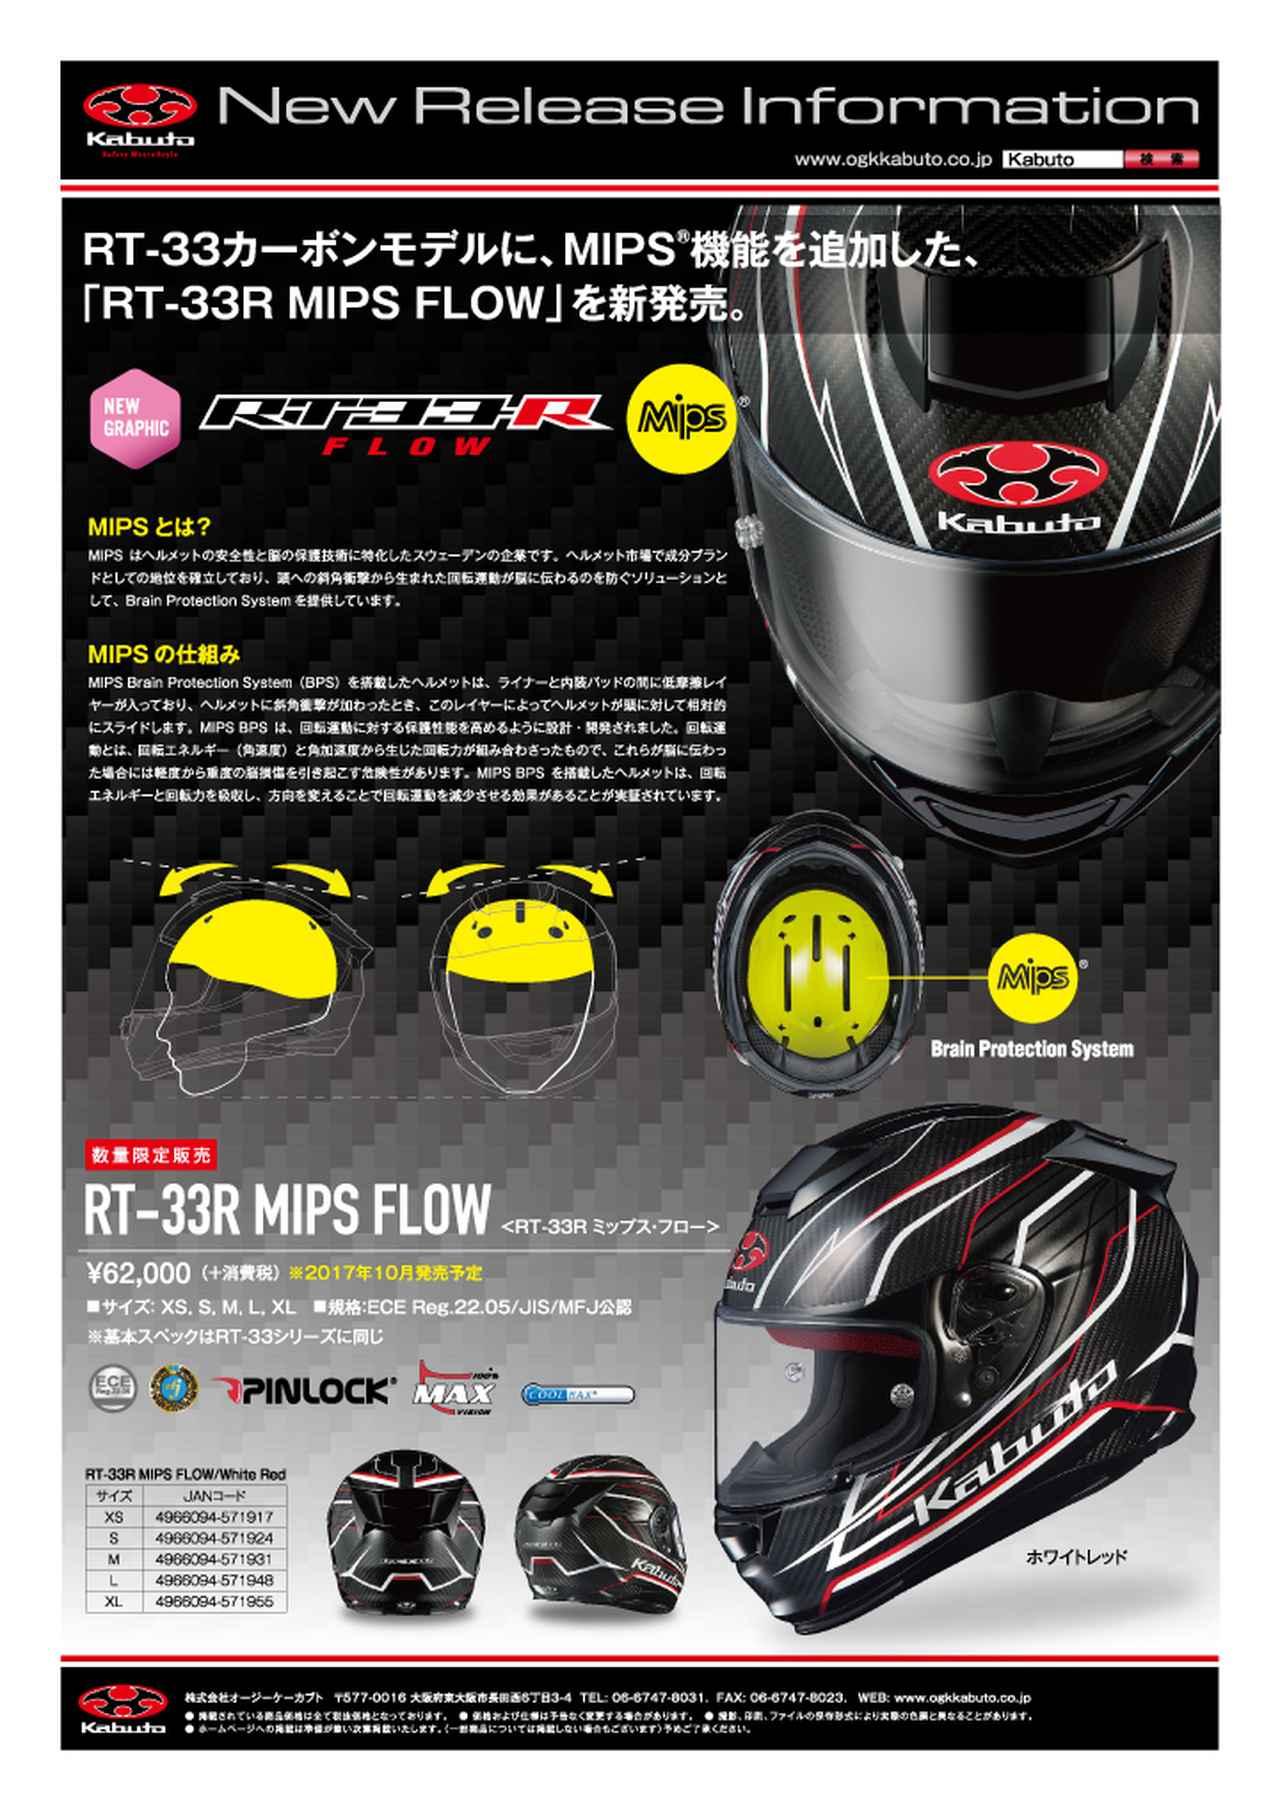 """画像: 【新発売】RT-33のカーボンモデル""""R""""に、国内バイク用ヘルメットメーカー初となるMIPS®搭載「RT-33R MIPS FLOW (アールティ・サンサンアール・ミップス・フロー)」を発売   バイク用ヘルメット&ギア   Kabuto"""